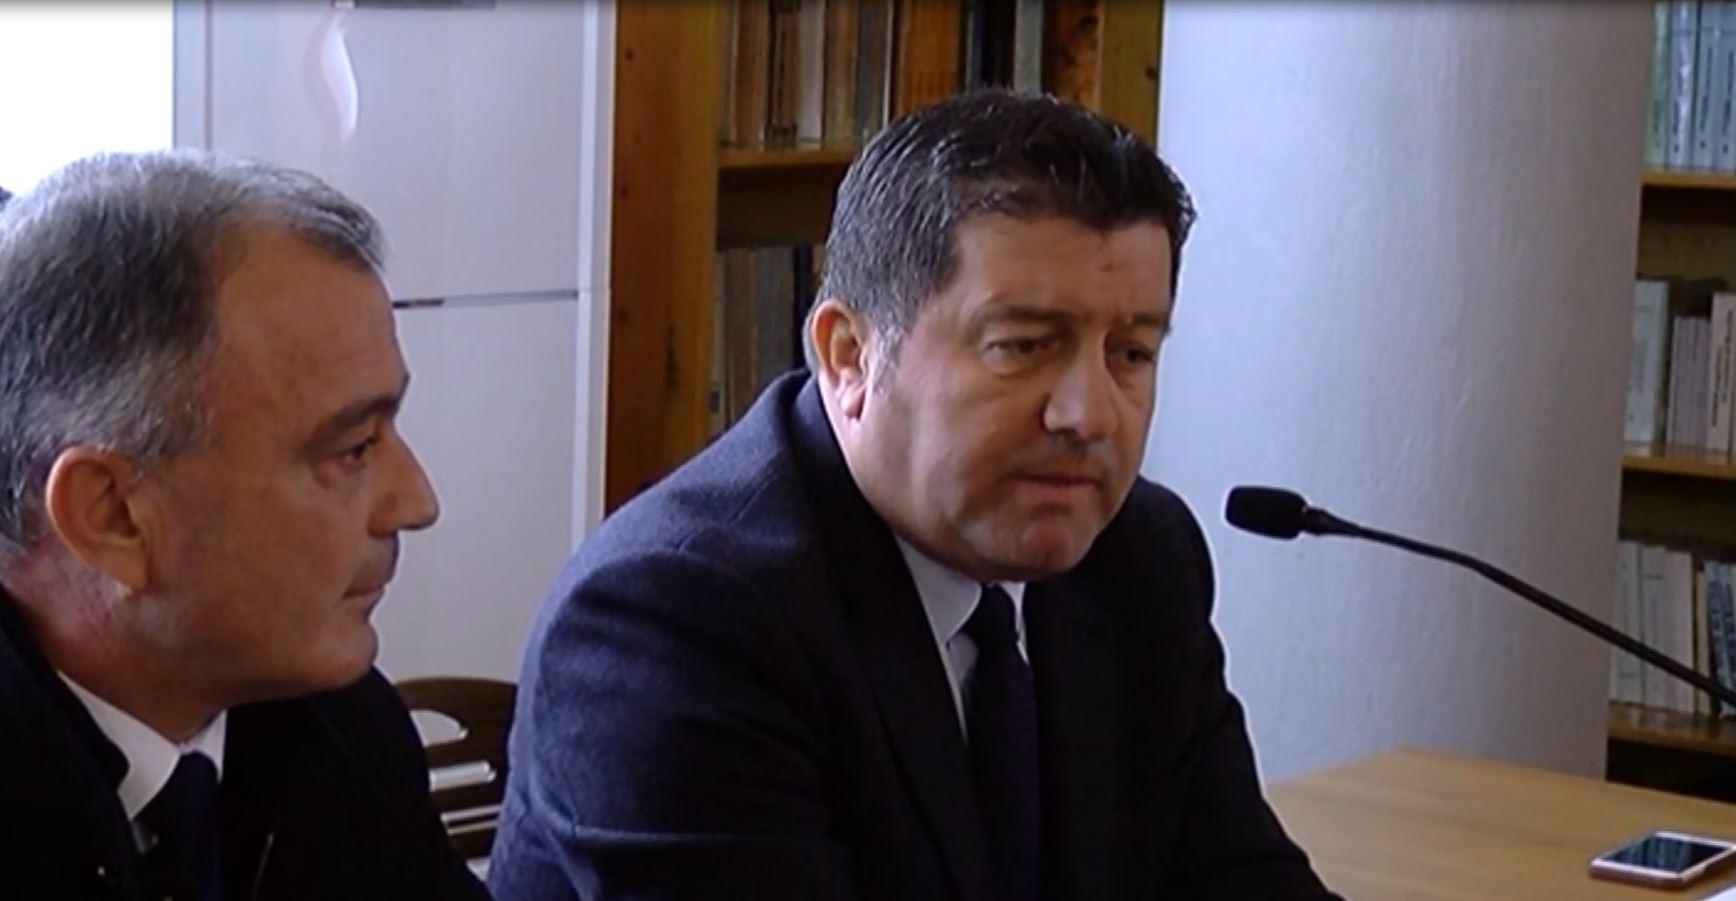 Shoqërohet në polici kryetari i Bashkisë së Lezhës